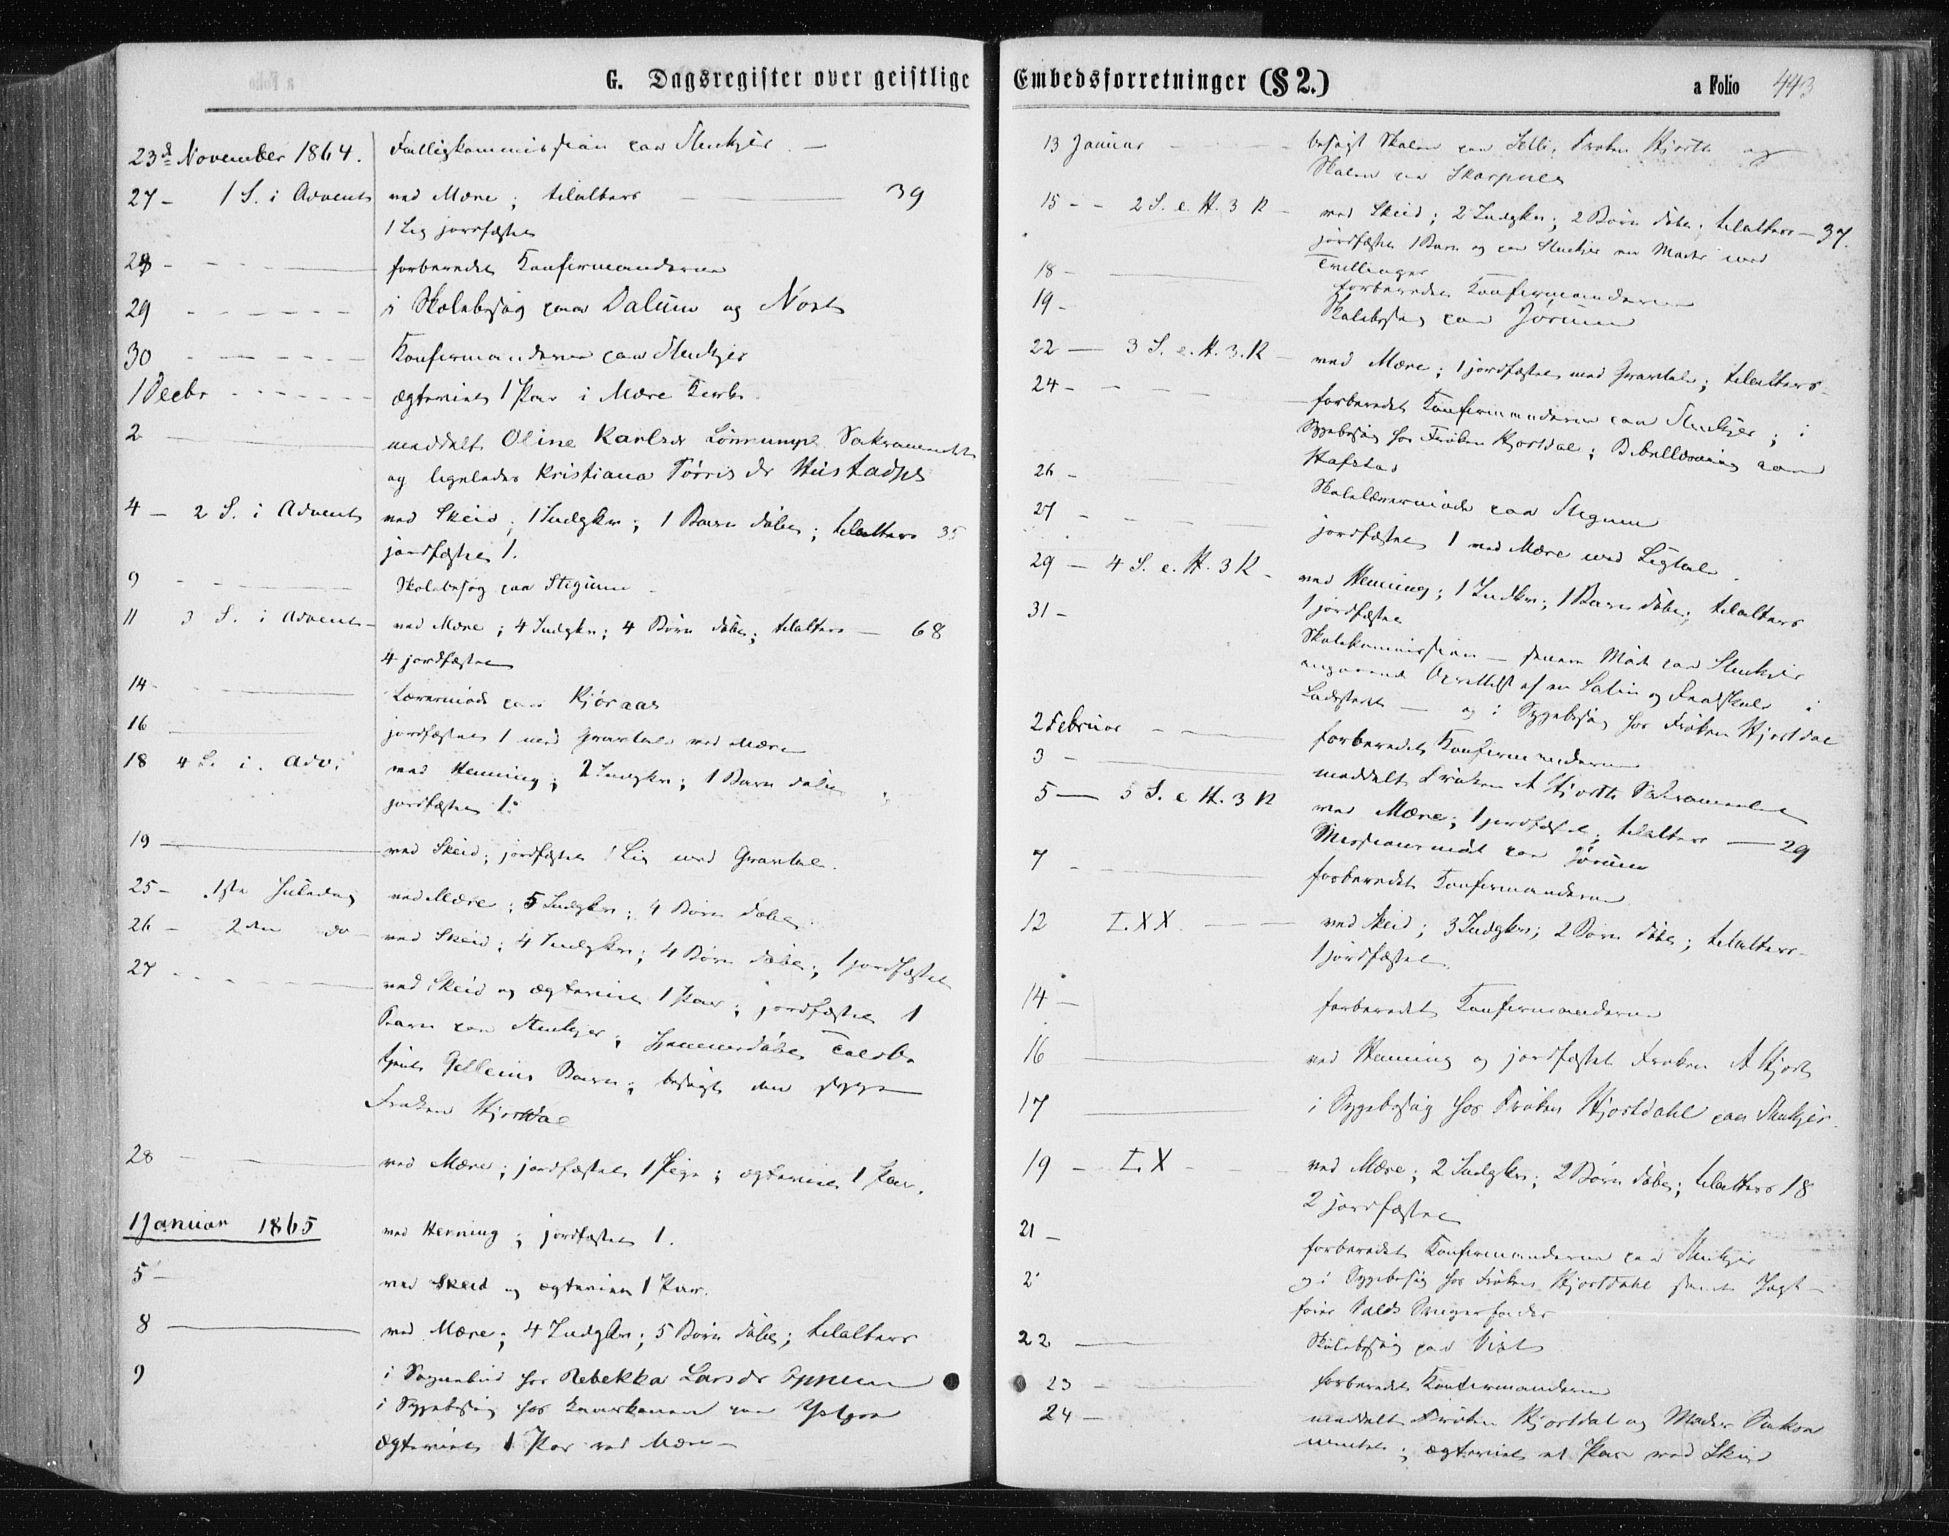 SAT, Ministerialprotokoller, klokkerbøker og fødselsregistre - Nord-Trøndelag, 735/L0345: Ministerialbok nr. 735A08 /1, 1863-1872, s. 443